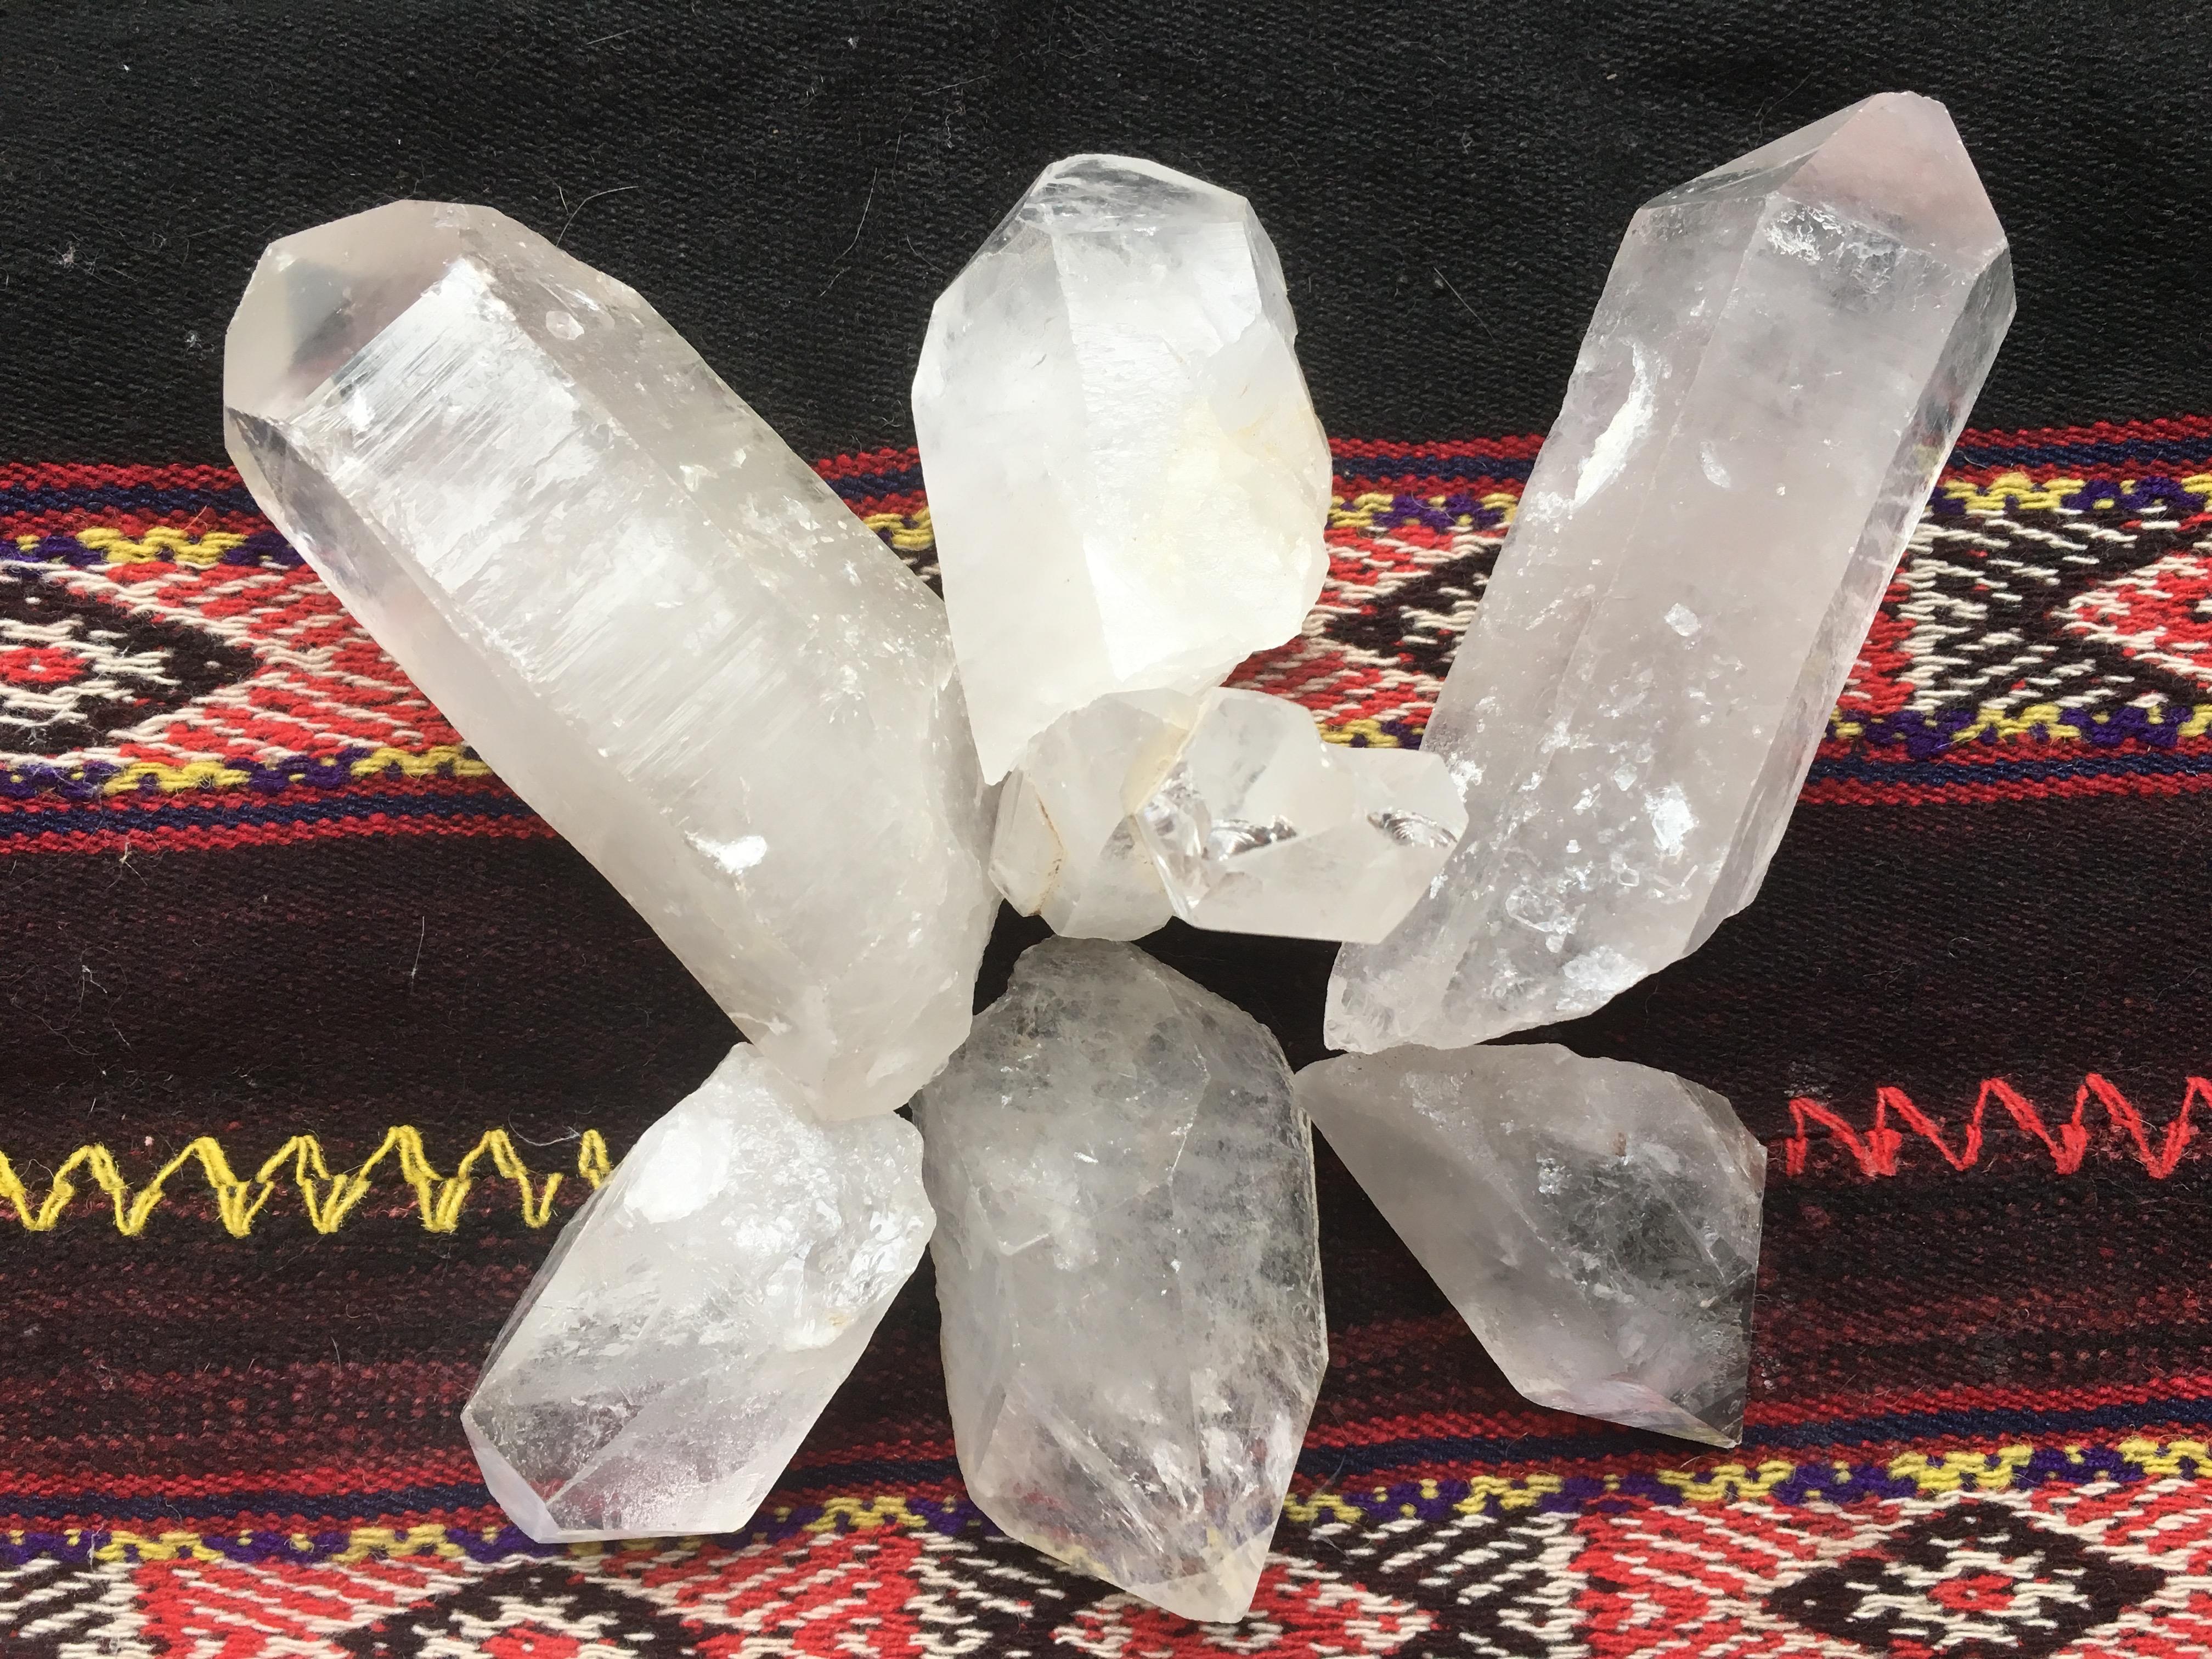 Kristallzeremonie